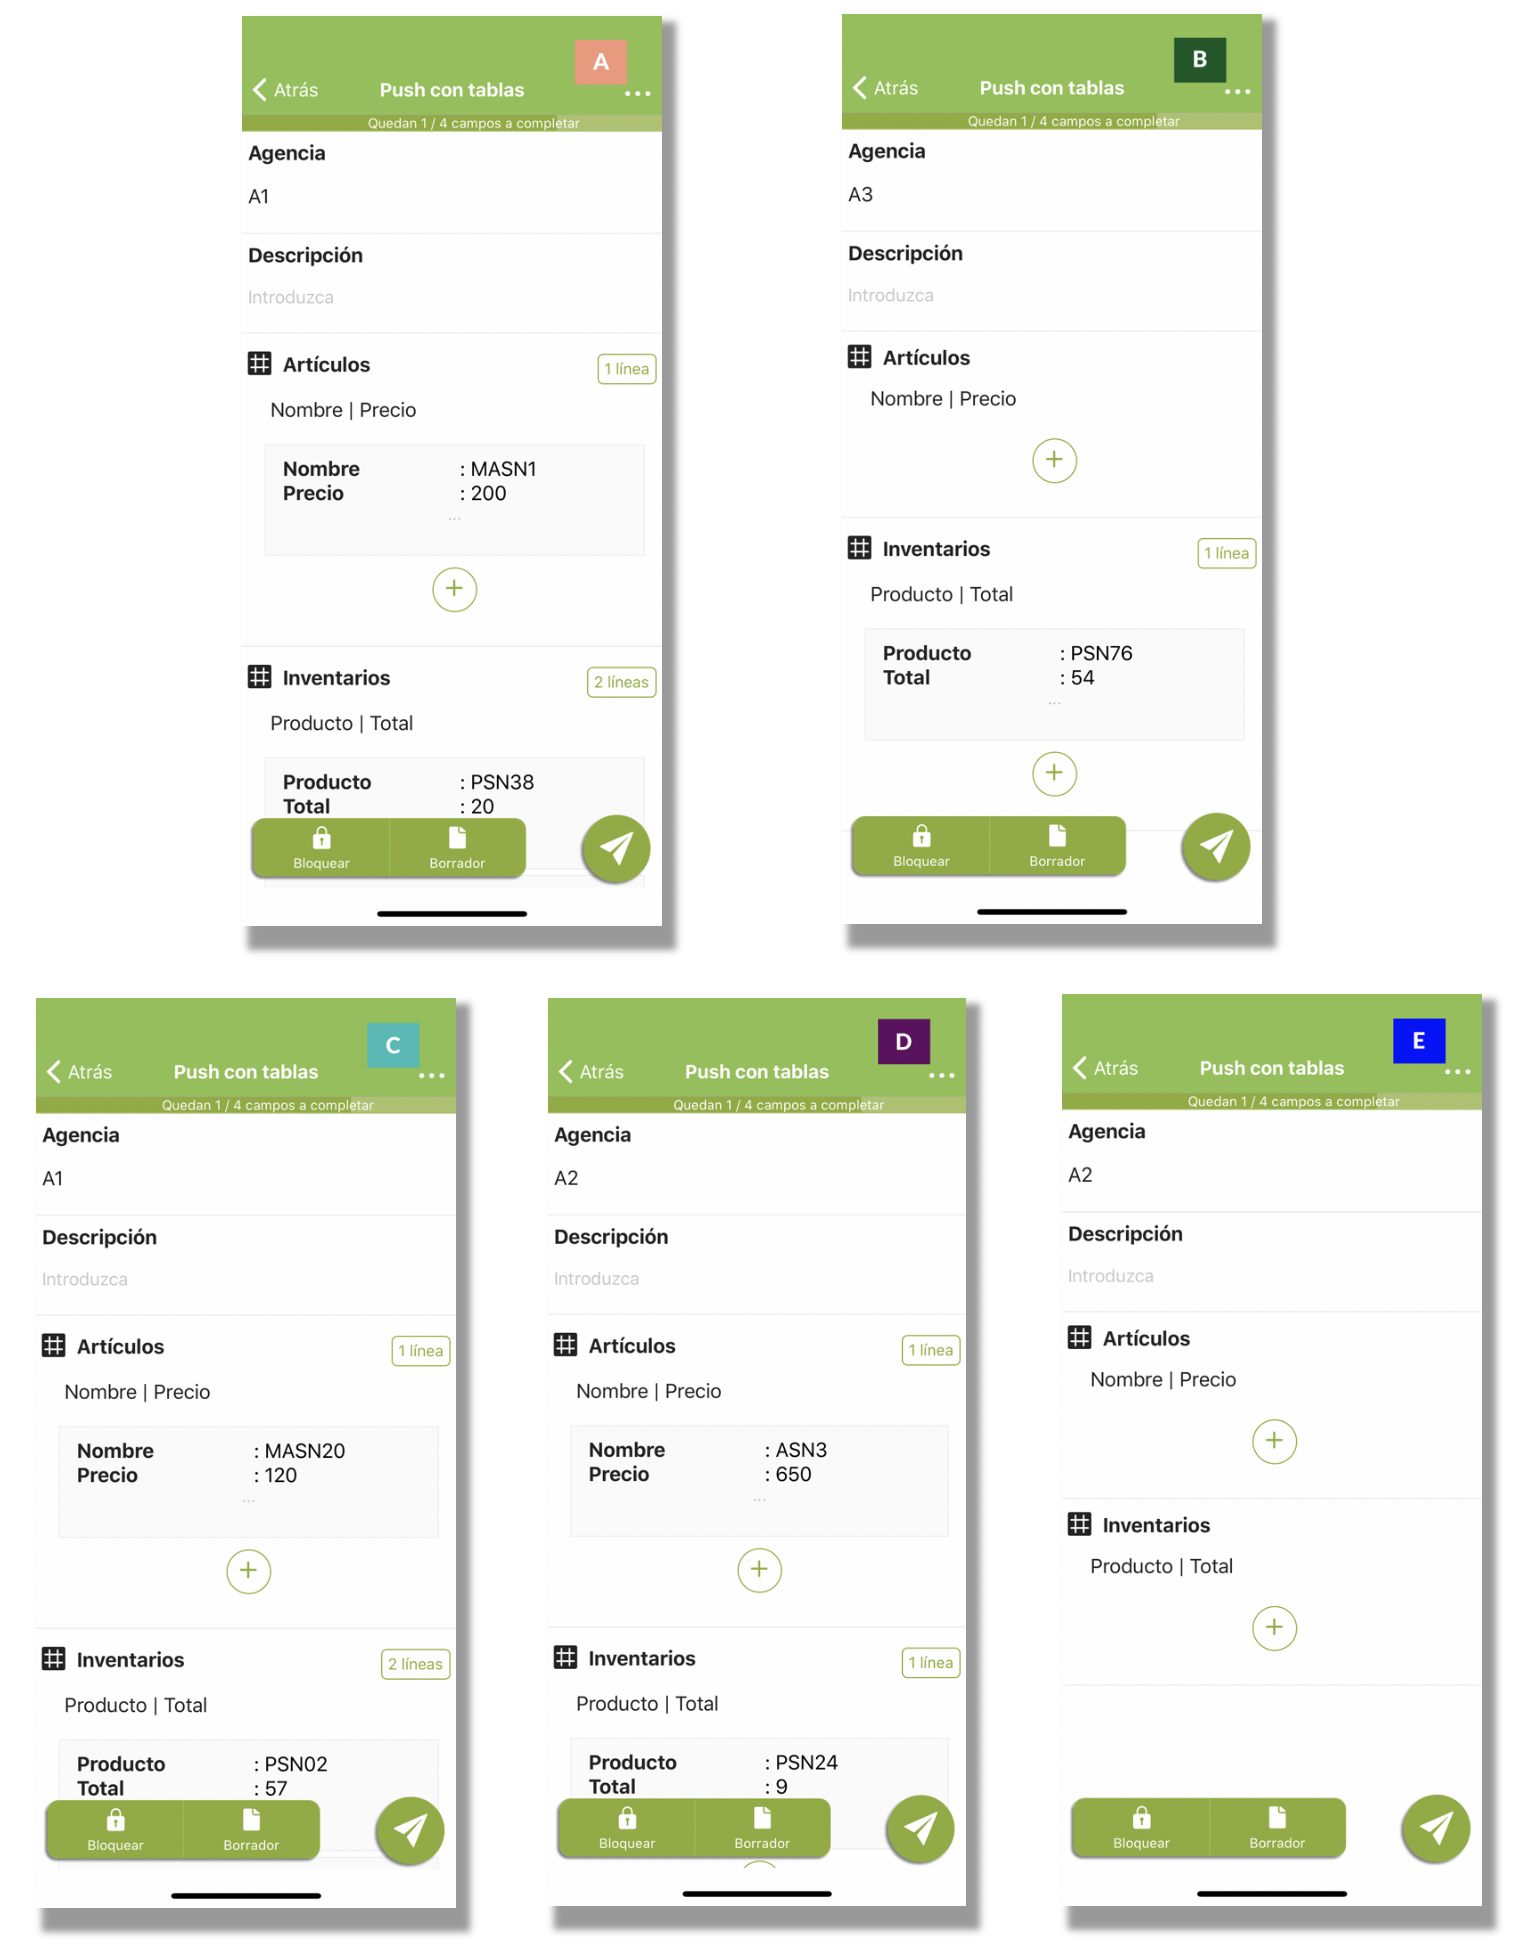 Ejemplo de las diferentes lineas que recibirán los usuarios